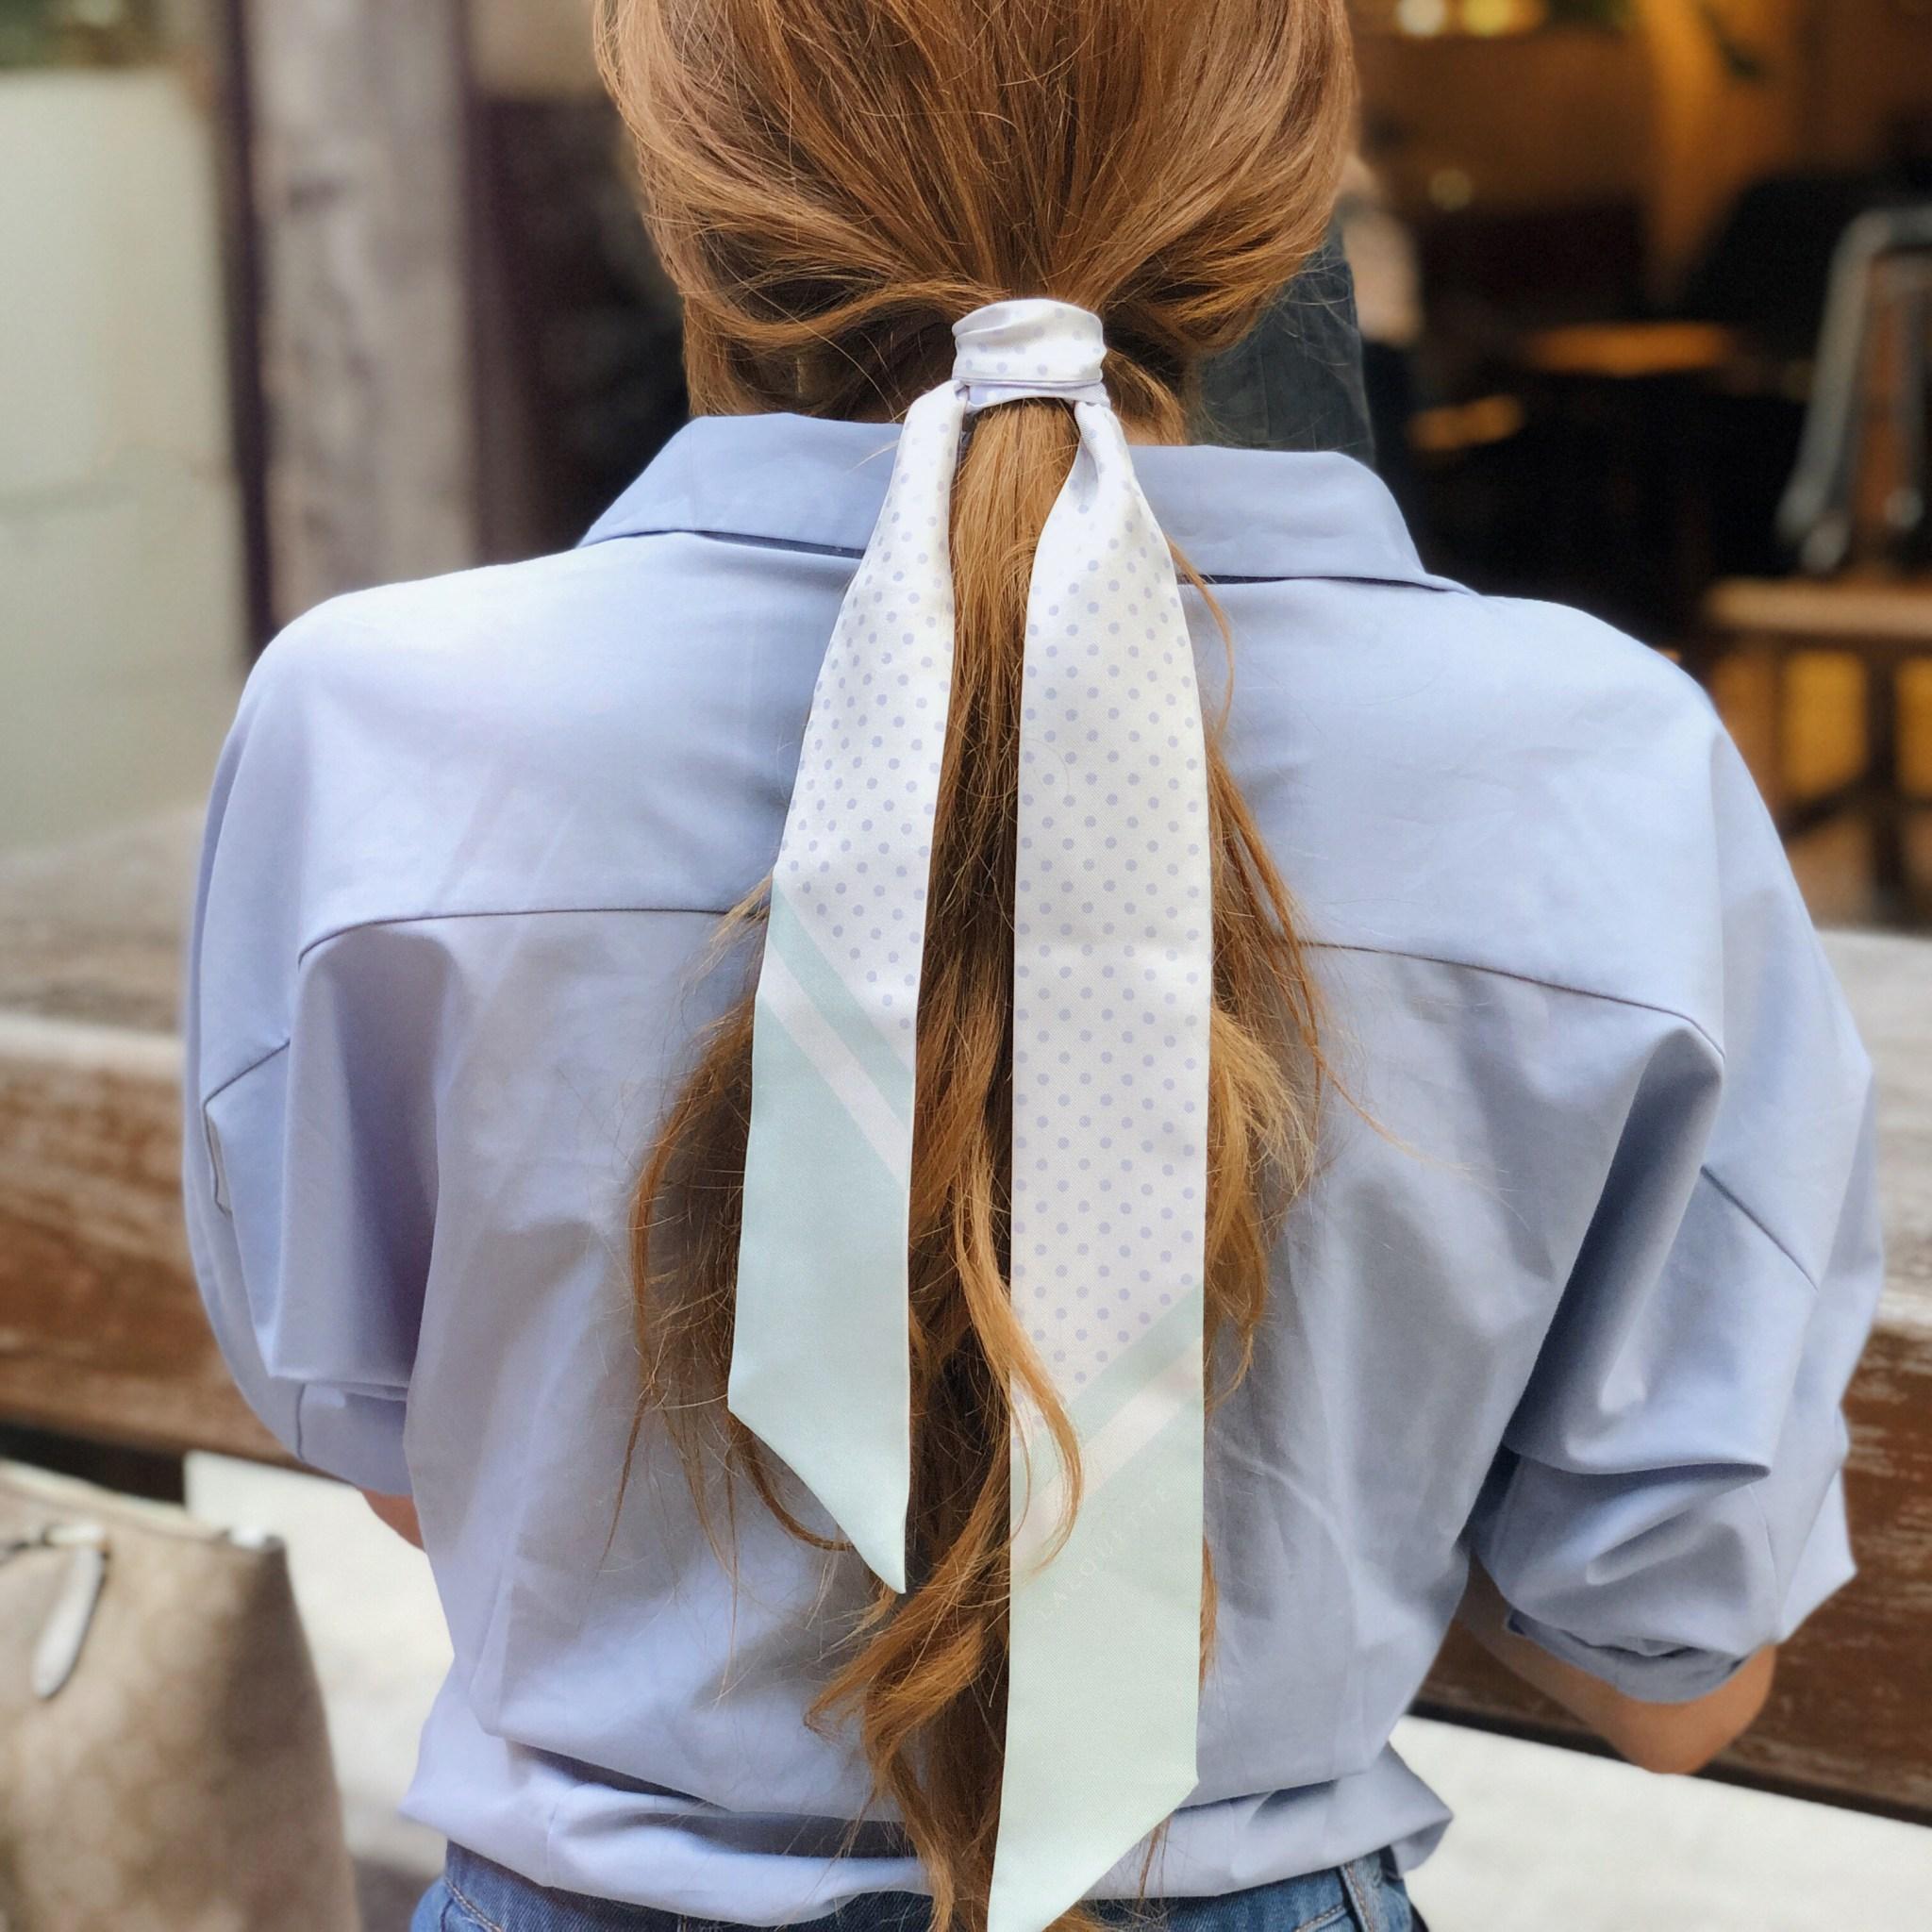 Lalouette Pastel Polka Dot Skinny Silk Scarf Hair Tie